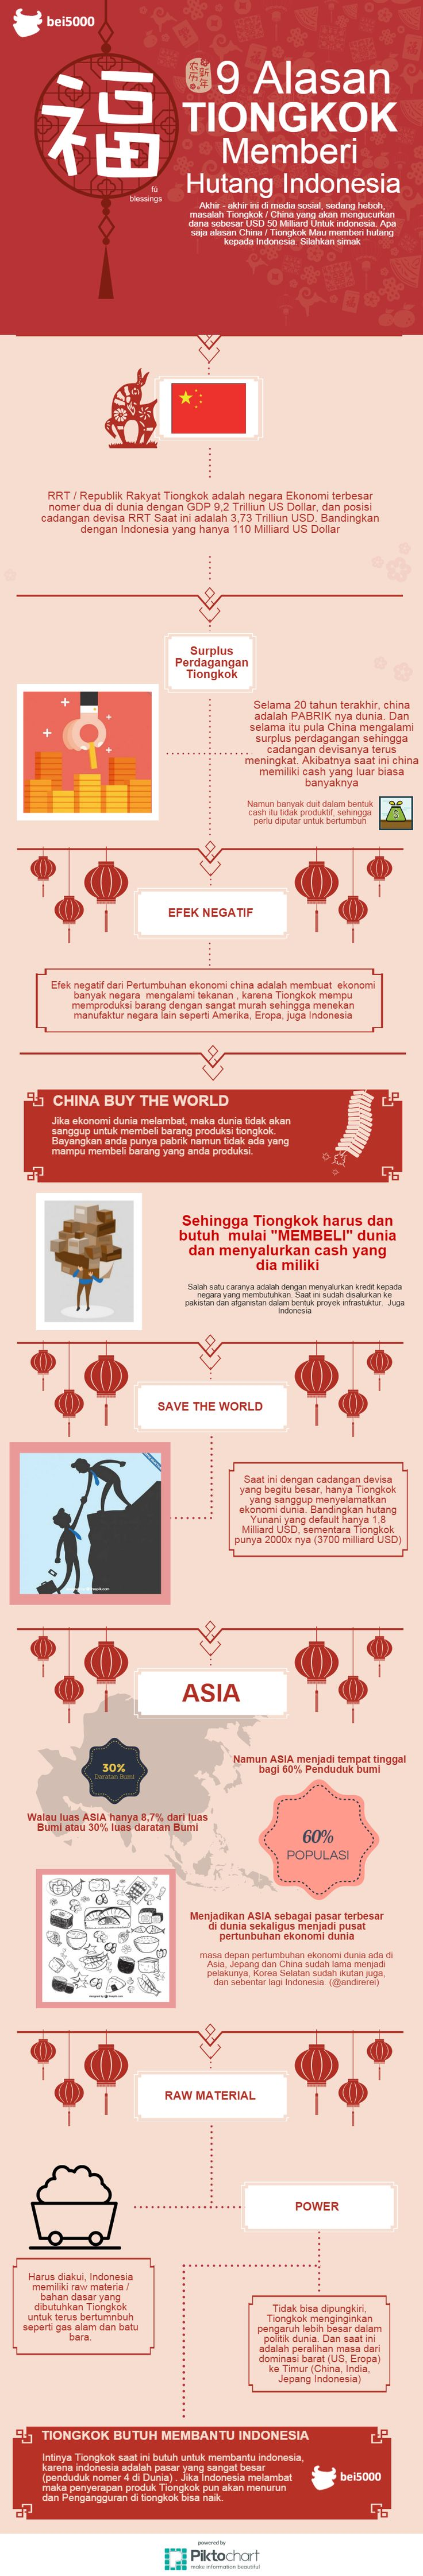 9 Alasan China Mau Beri Indonesia Pinjaman Pengetahuan Pendidikan Infografis